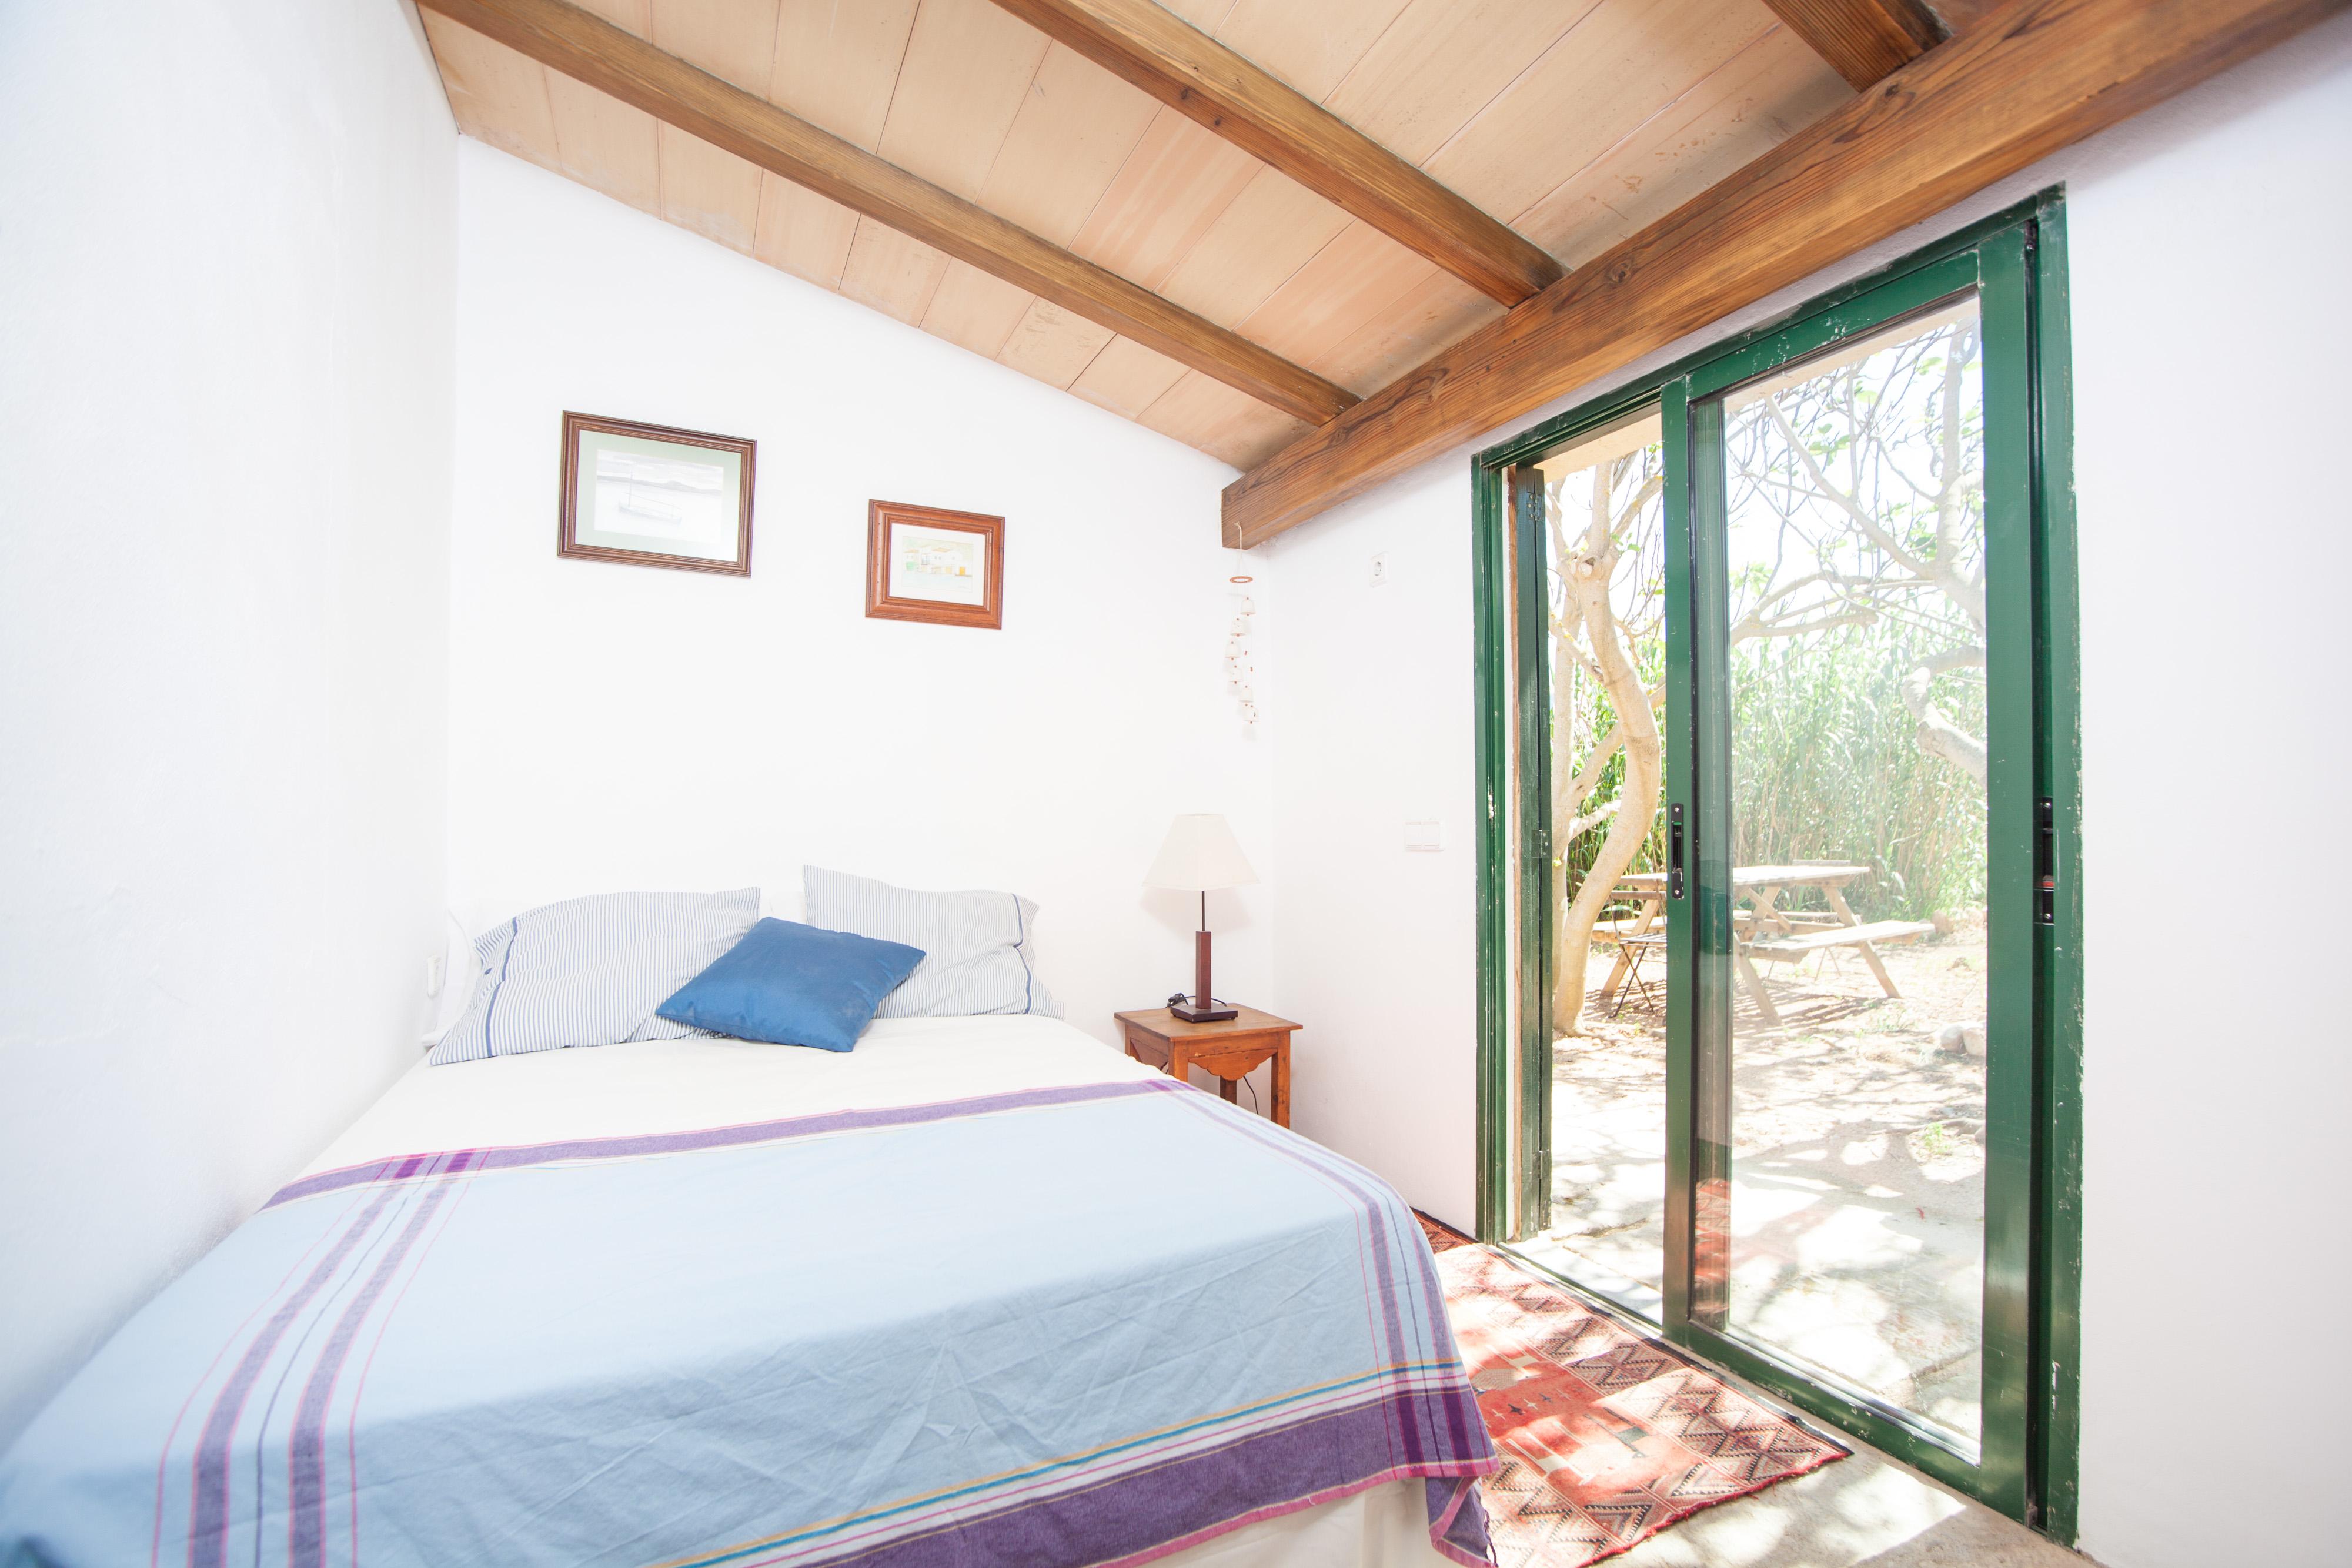 Ferienhaus SA BARQUETA (2177991), Colonia de Sant Pere, Mallorca, Balearische Inseln, Spanien, Bild 15